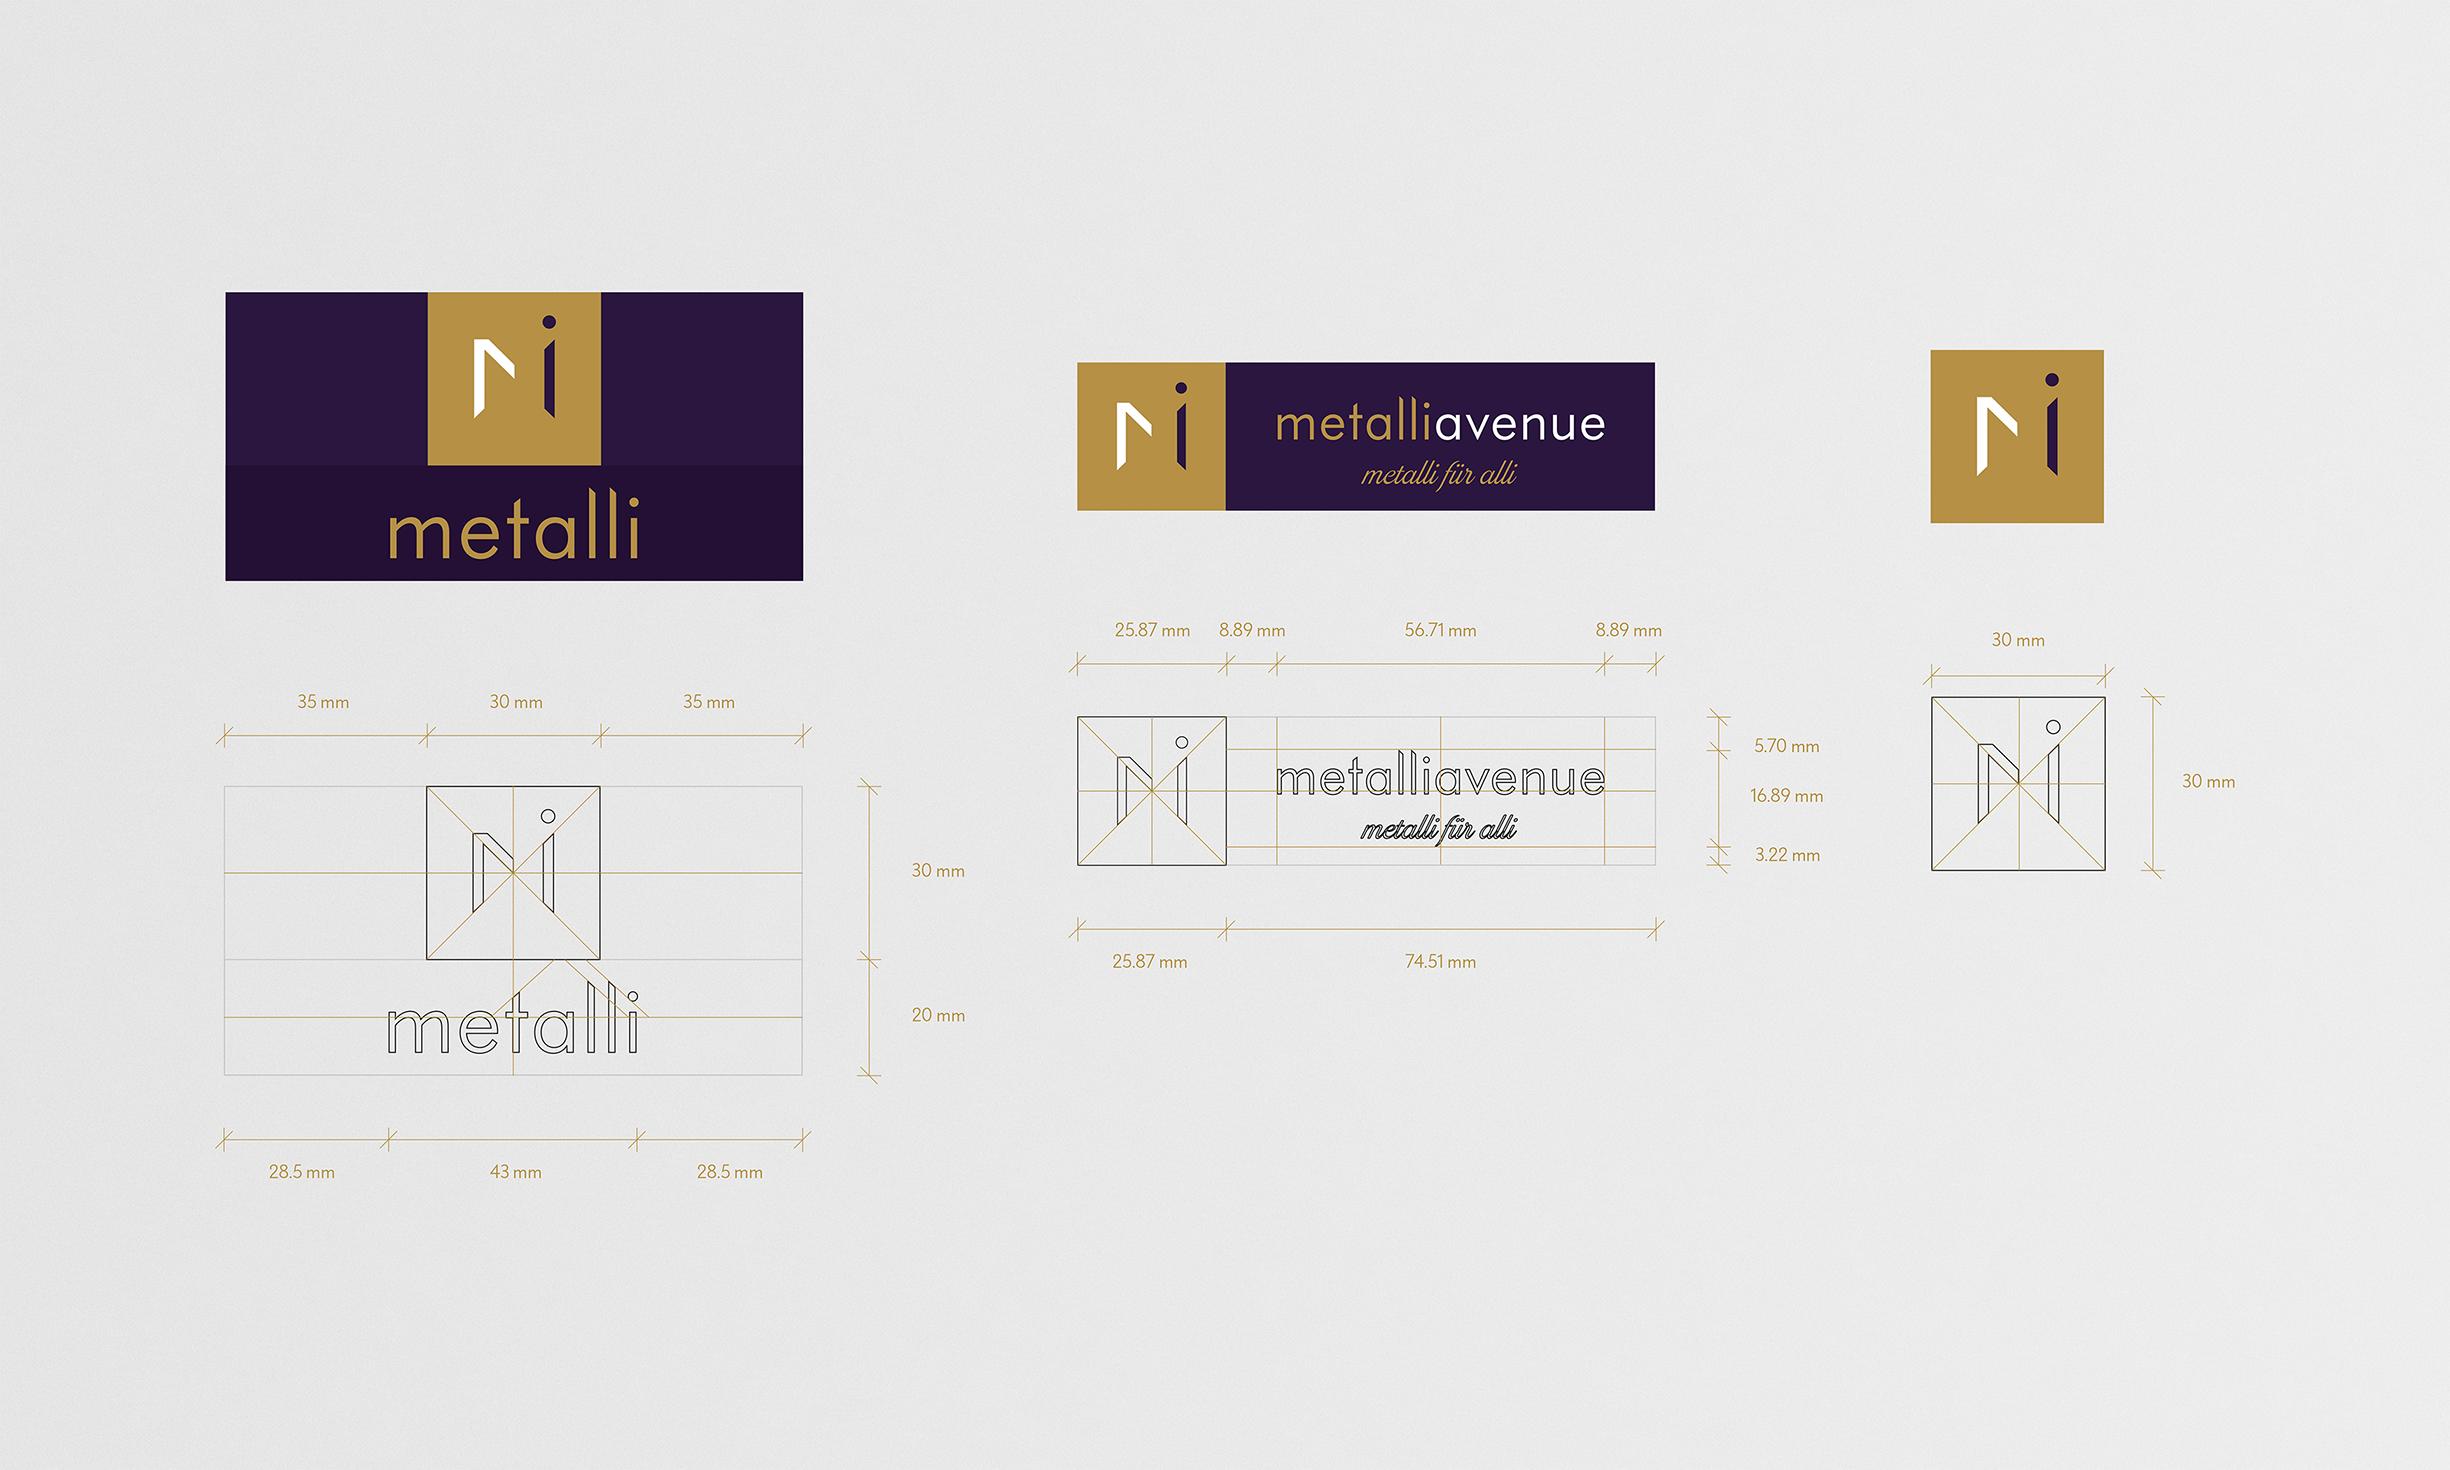 metalli_rebranding1.png